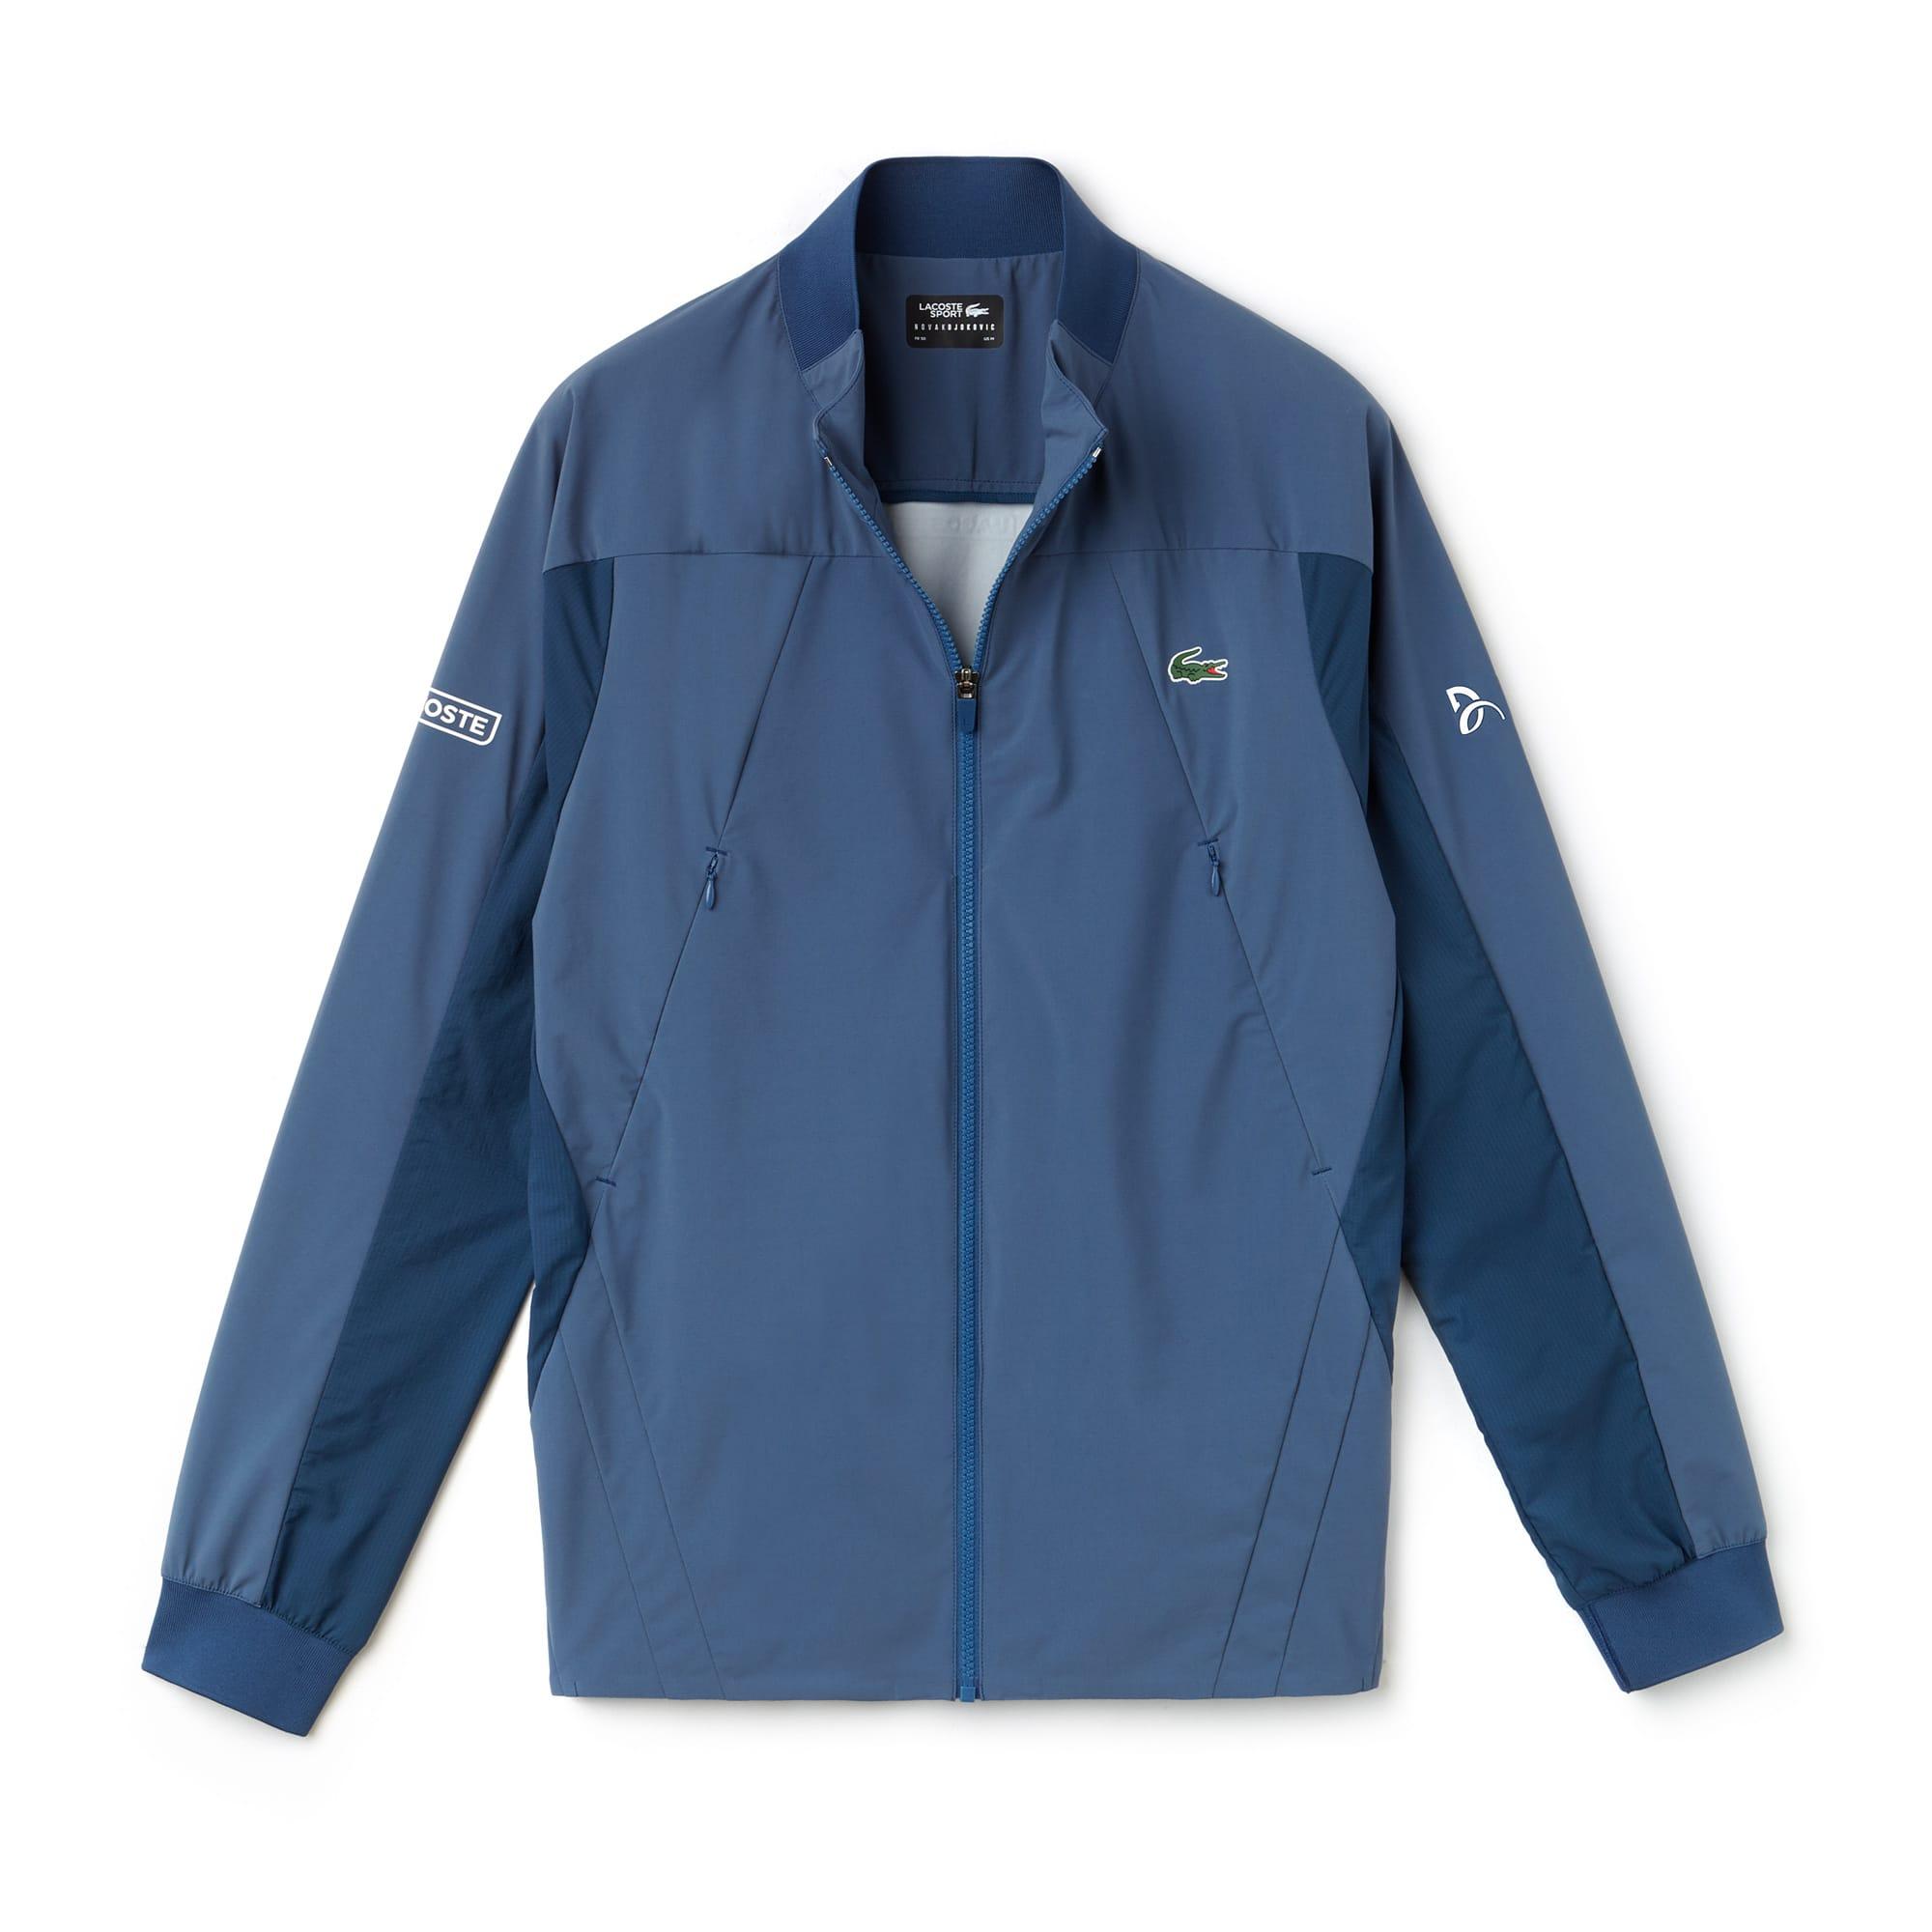 라코스테 Lacoste Mens SPORT Stand-Up Collar Taffeta Jacket - x Novak Djokovic Support With Style - Off Court Collection,avon/azurite-white